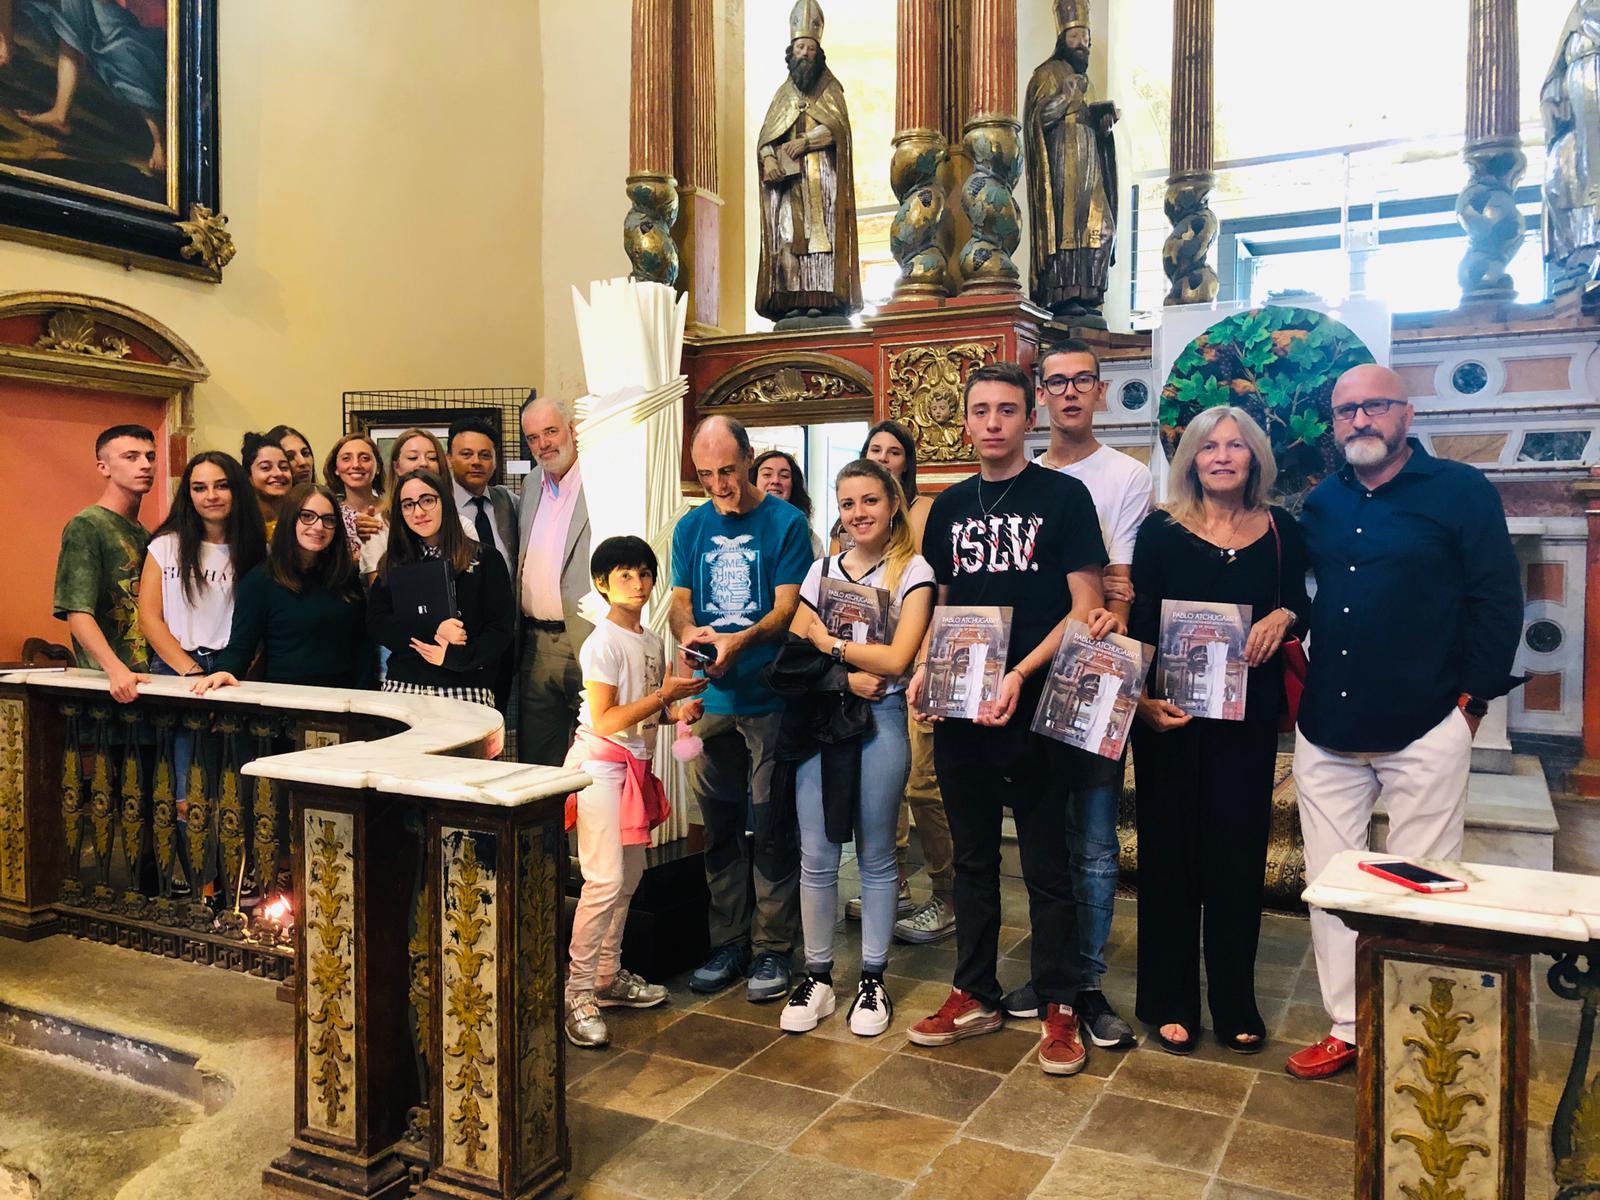 Mostra internazionale nell'ex chiesa della Trinità